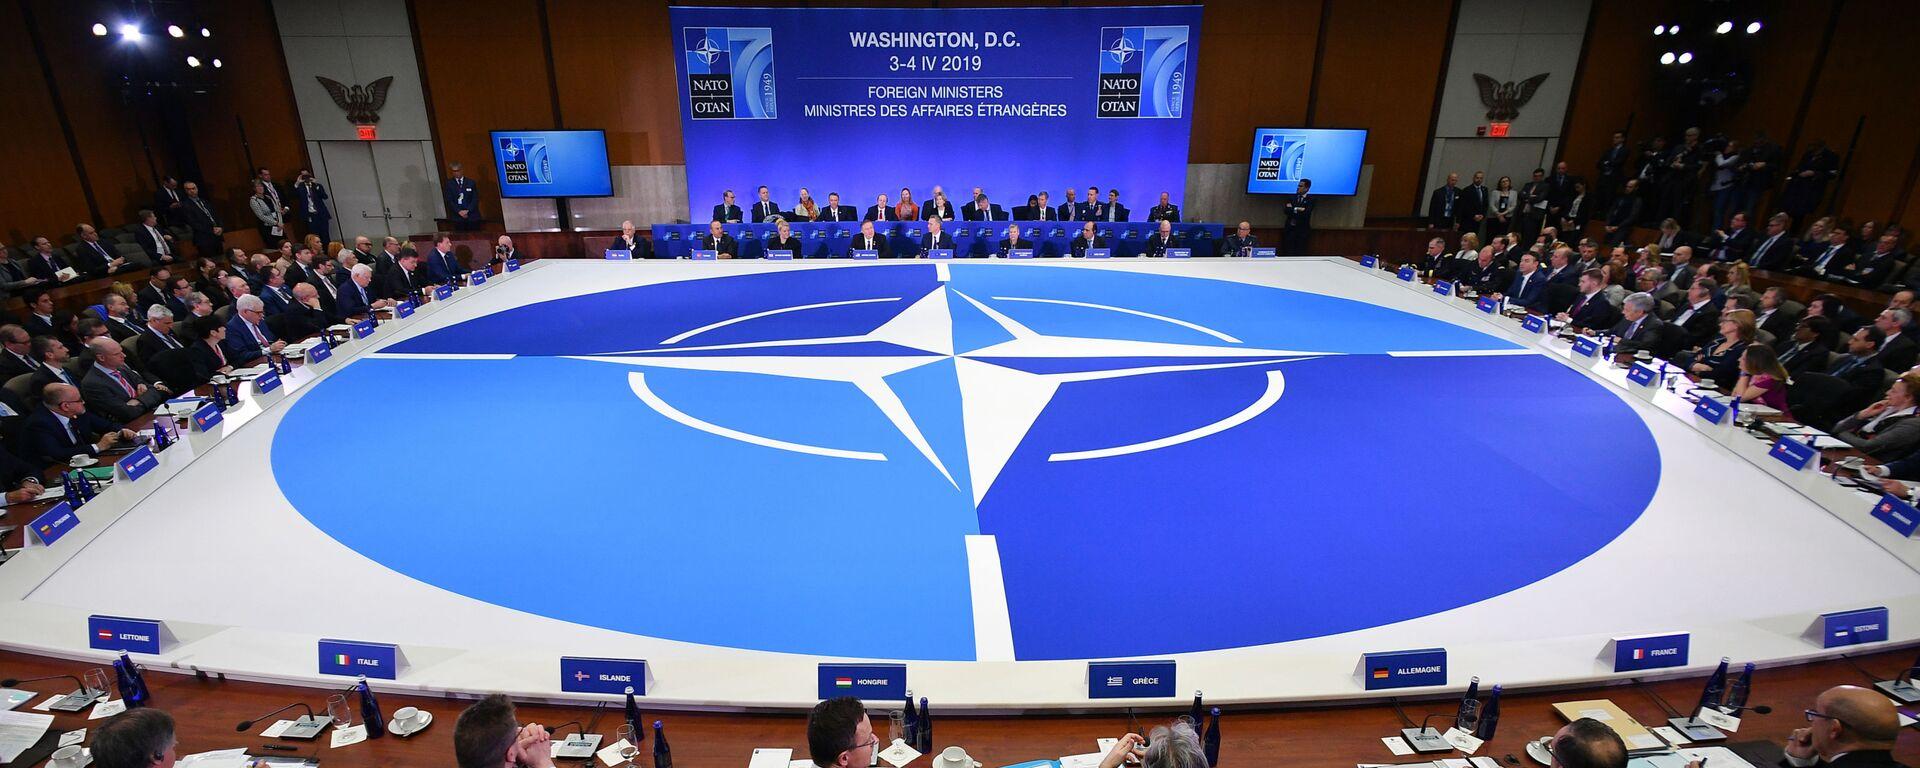 Zasedání ministrů zahraniční NATO ve Washingtonu - Sputnik Česká republika, 1920, 22.04.2021